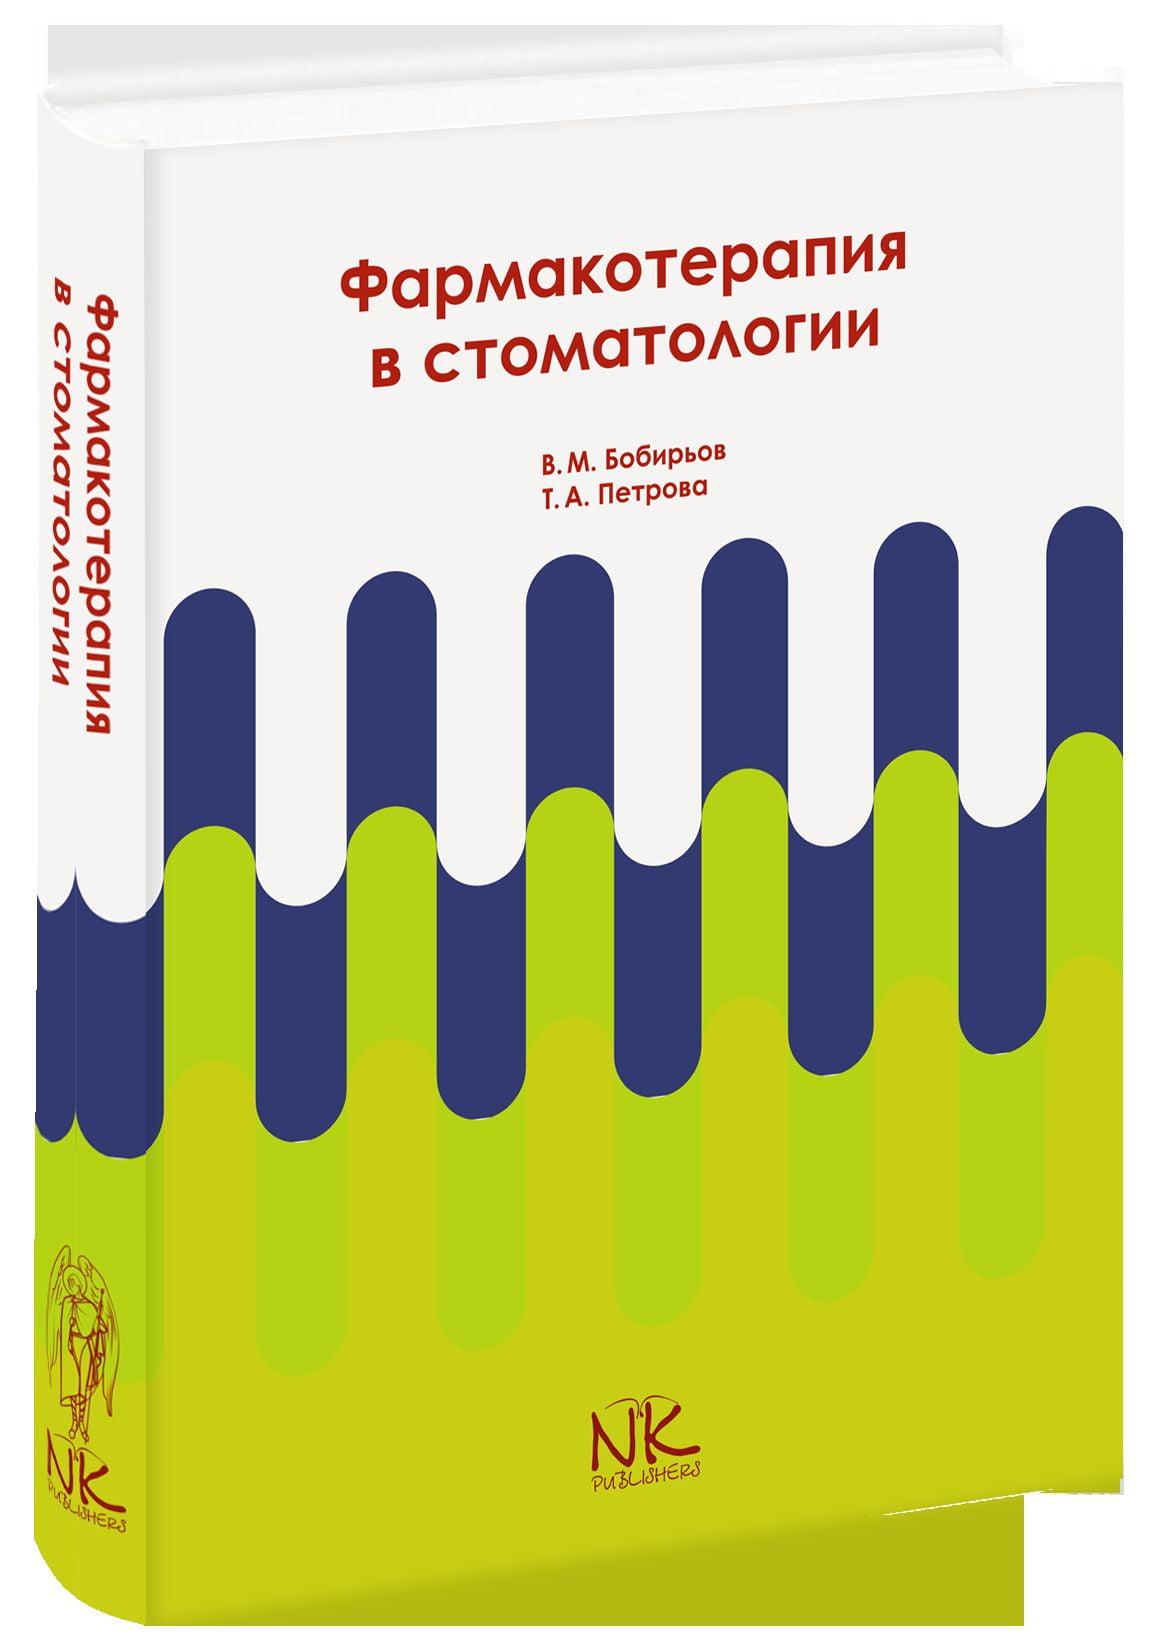 Фармакотерапия в стоматологии (на рус. яз.).